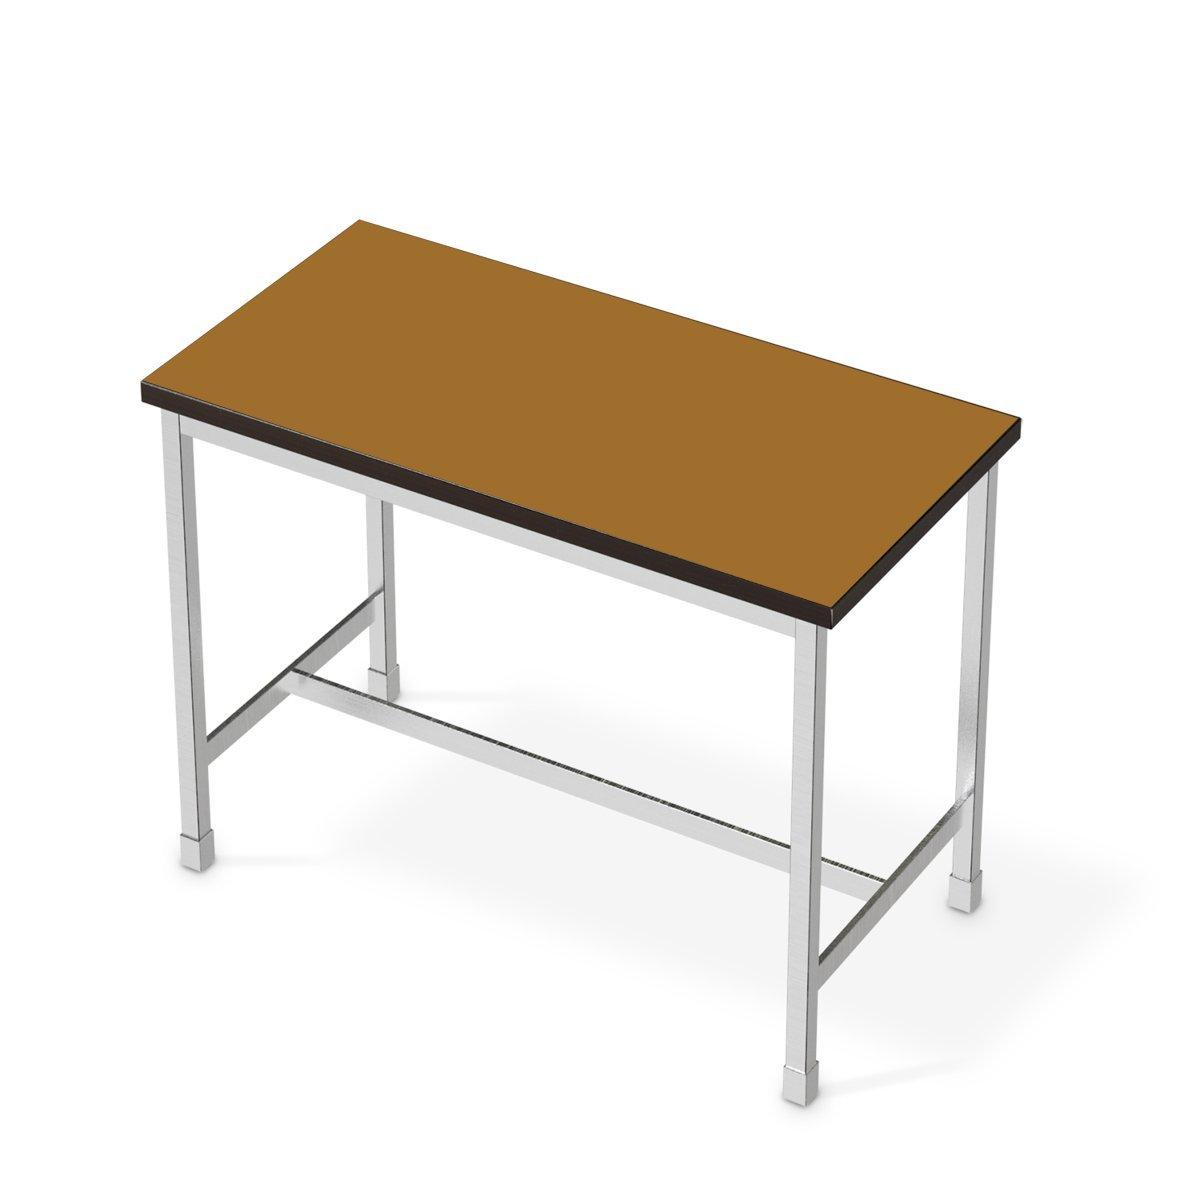 Full Size of Mbeldekoration Ikea Utby Bar Table 120 60 Cm Design Brown 2 Miniküche Küche Kosten Betten Bei Sofa Mit Schlaffunktion Modulküche Bartisch Kaufen 160x200 Wohnzimmer Ikea Bartisch